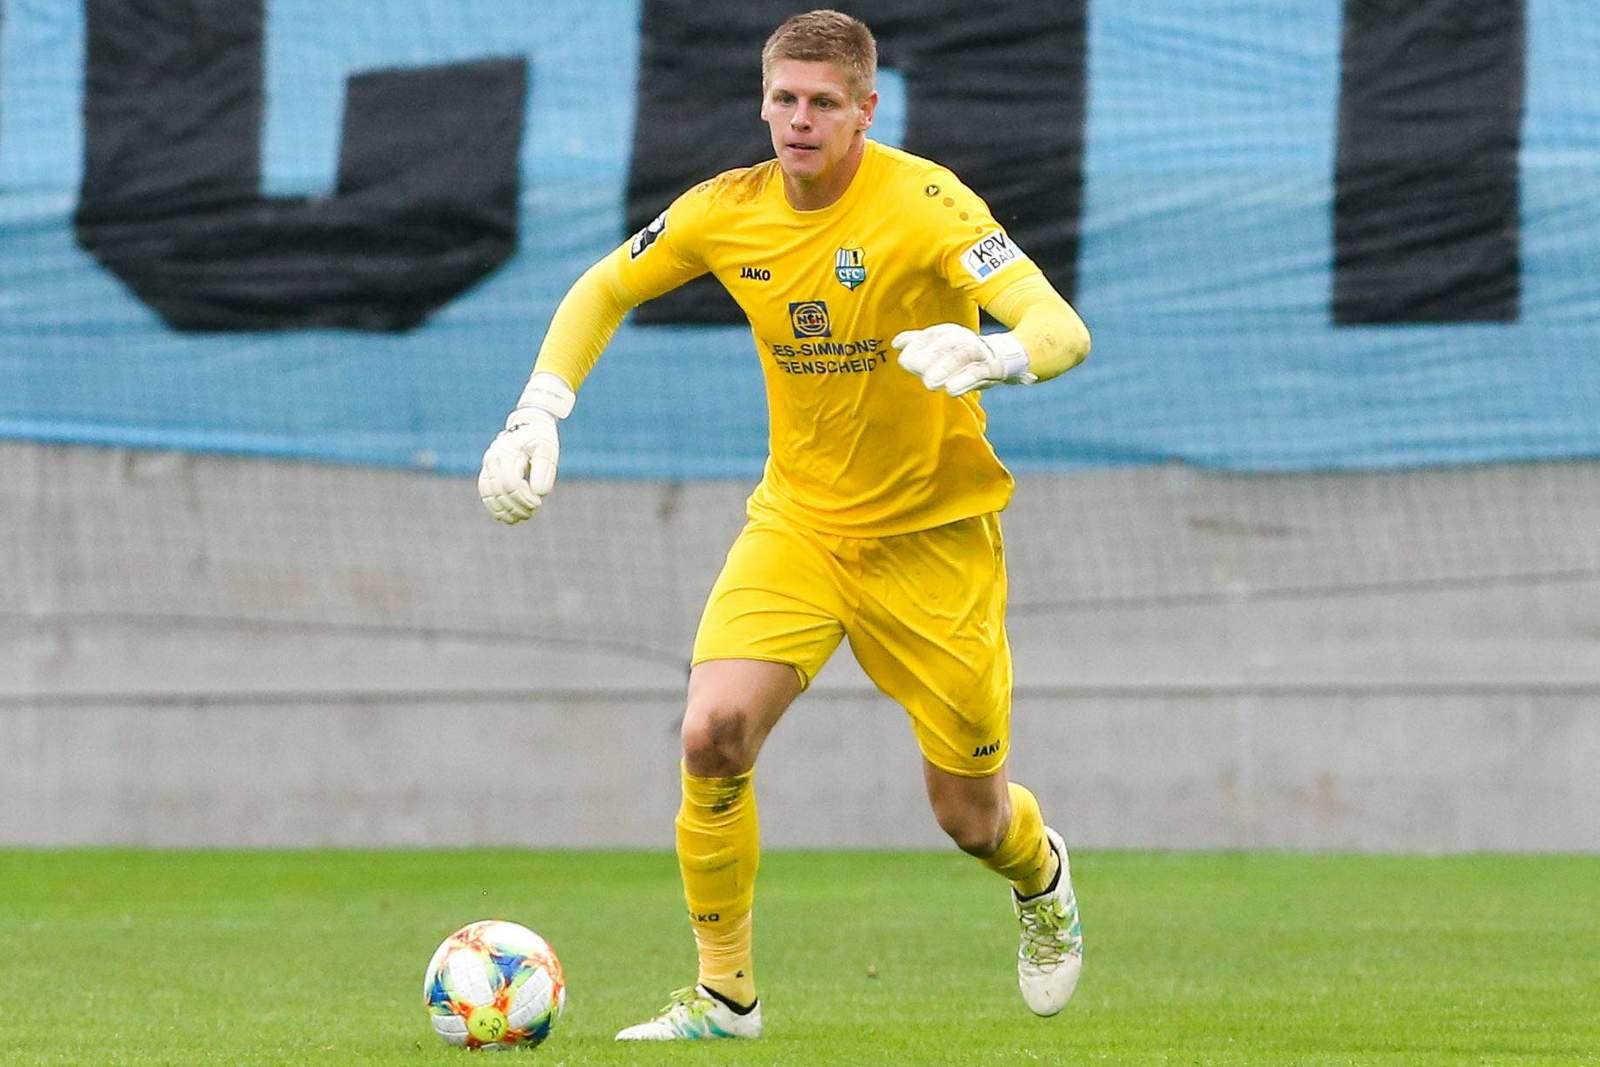 Jakub Jakubov vom Chemnitzer FC